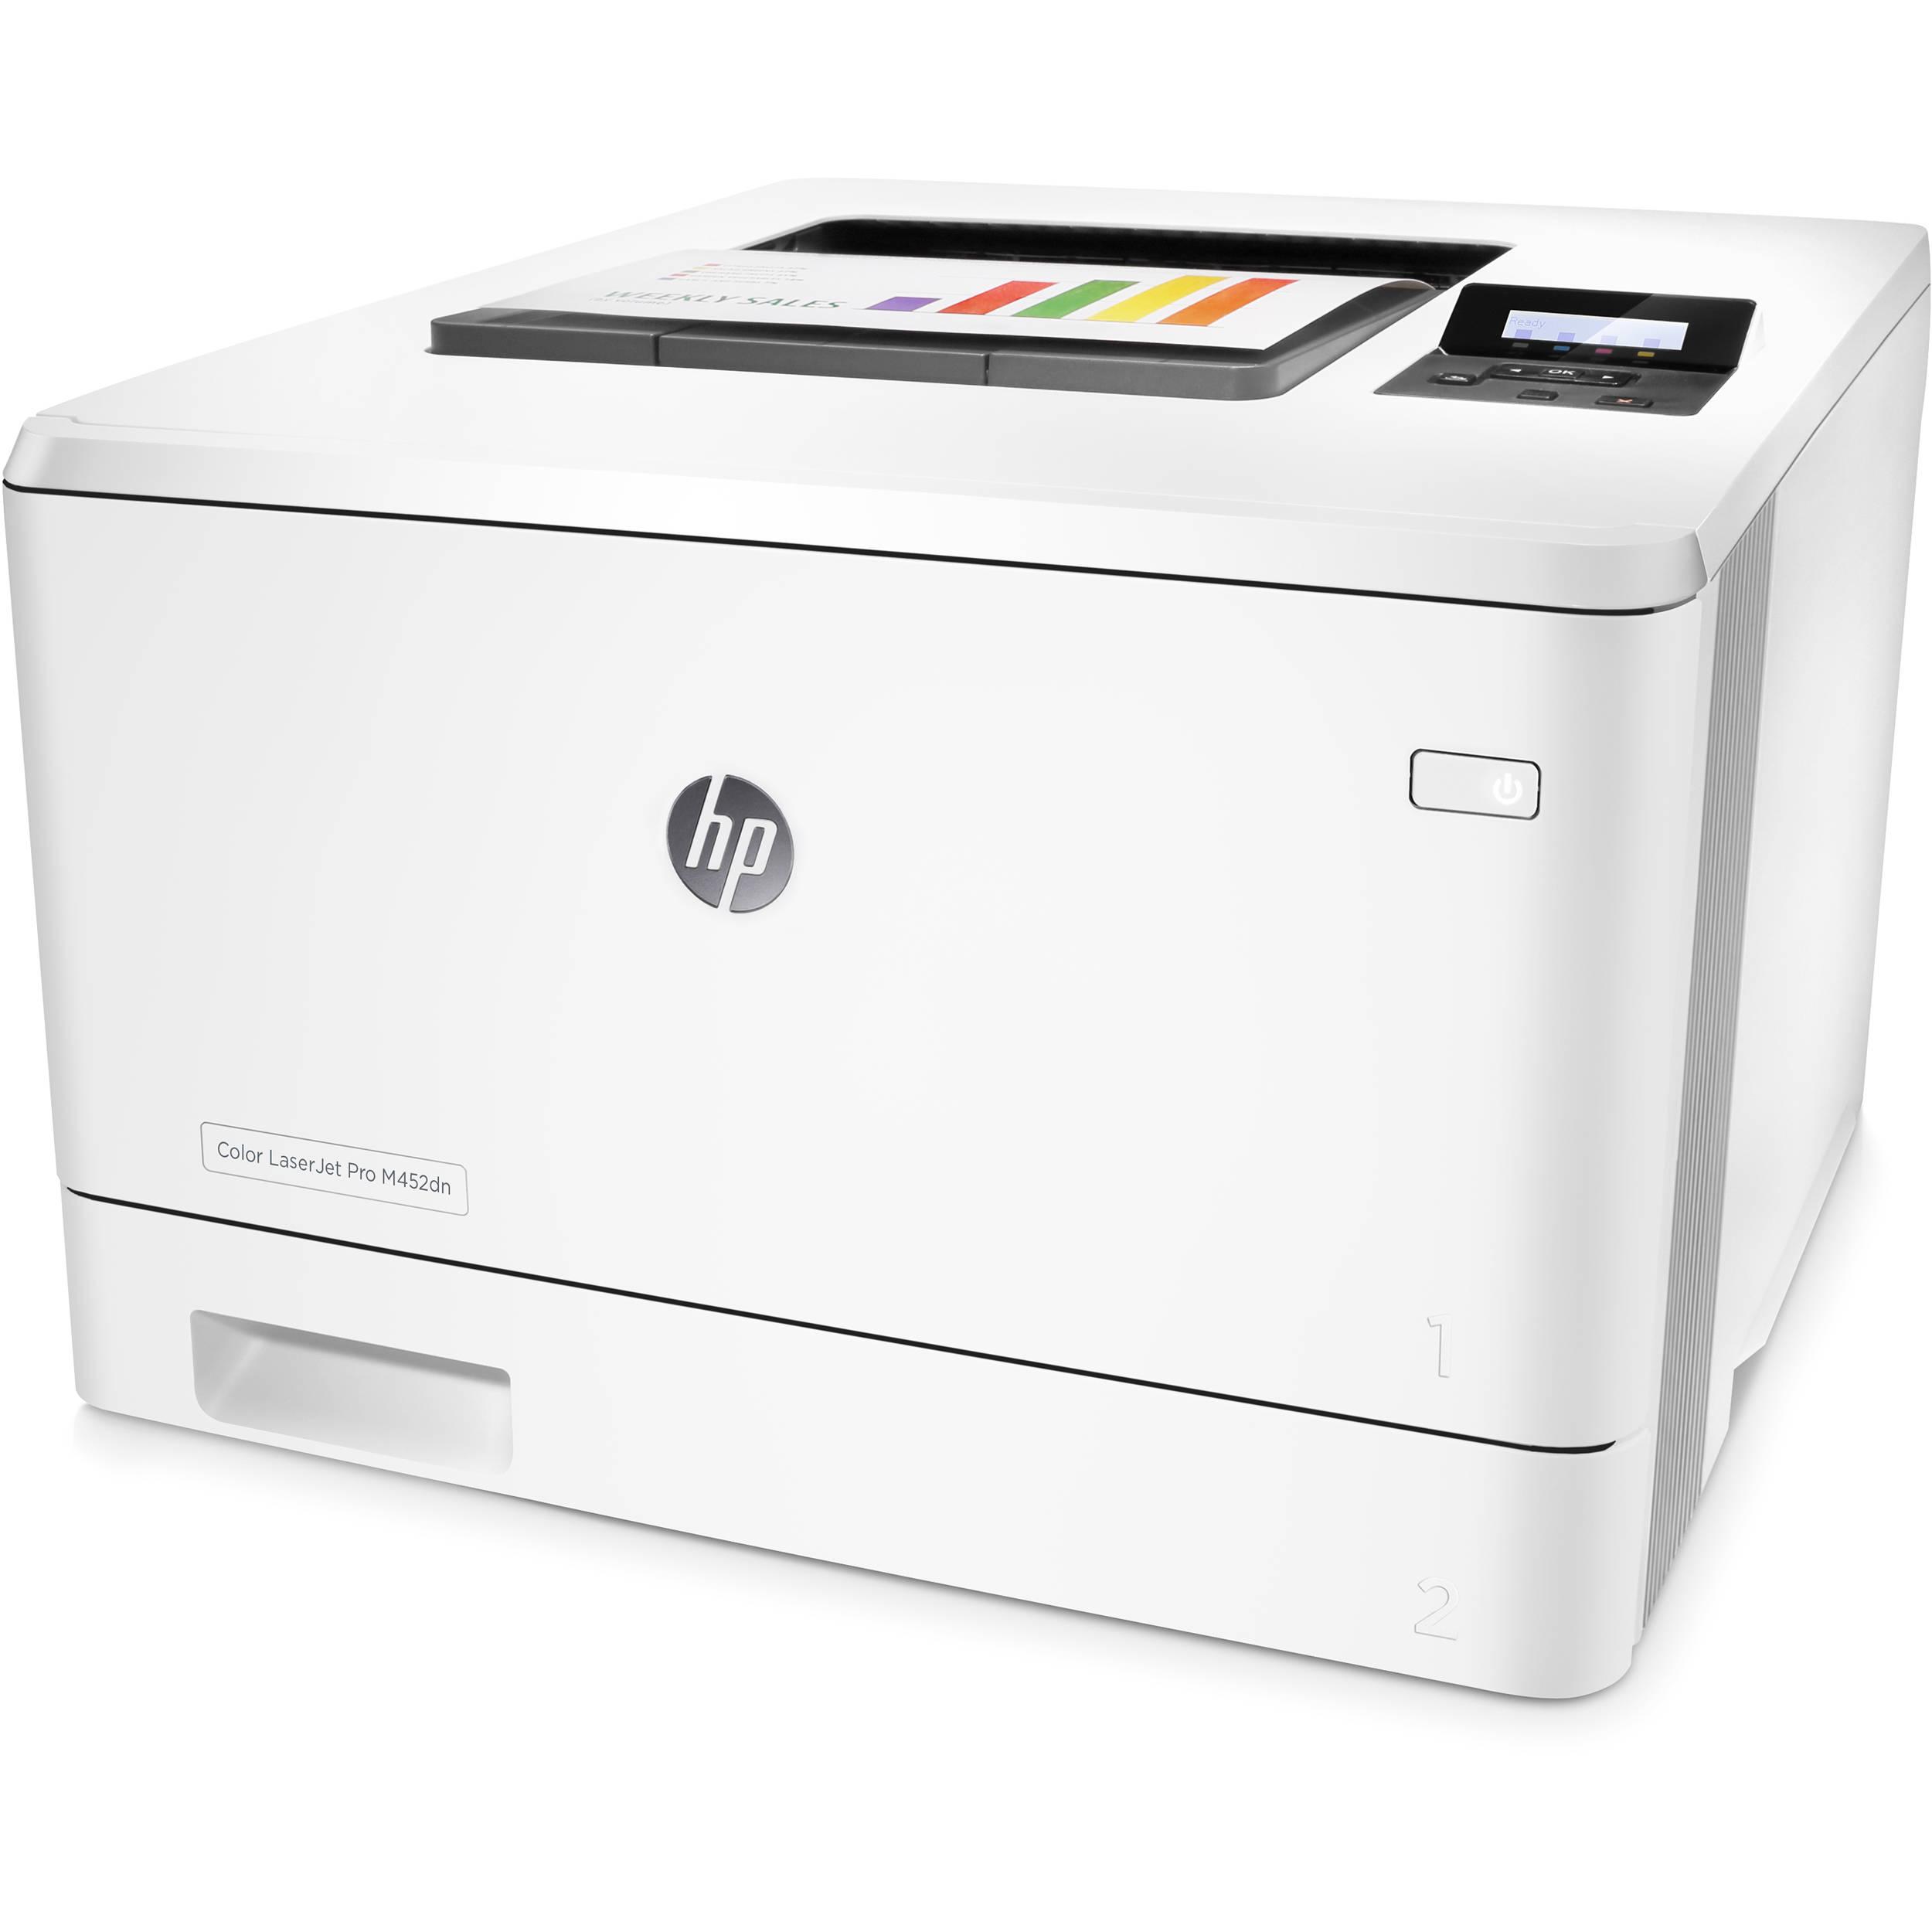 Hp hp color laser printers 11x17 - Hp Color Laserjet Pro M452dn Laser Printer